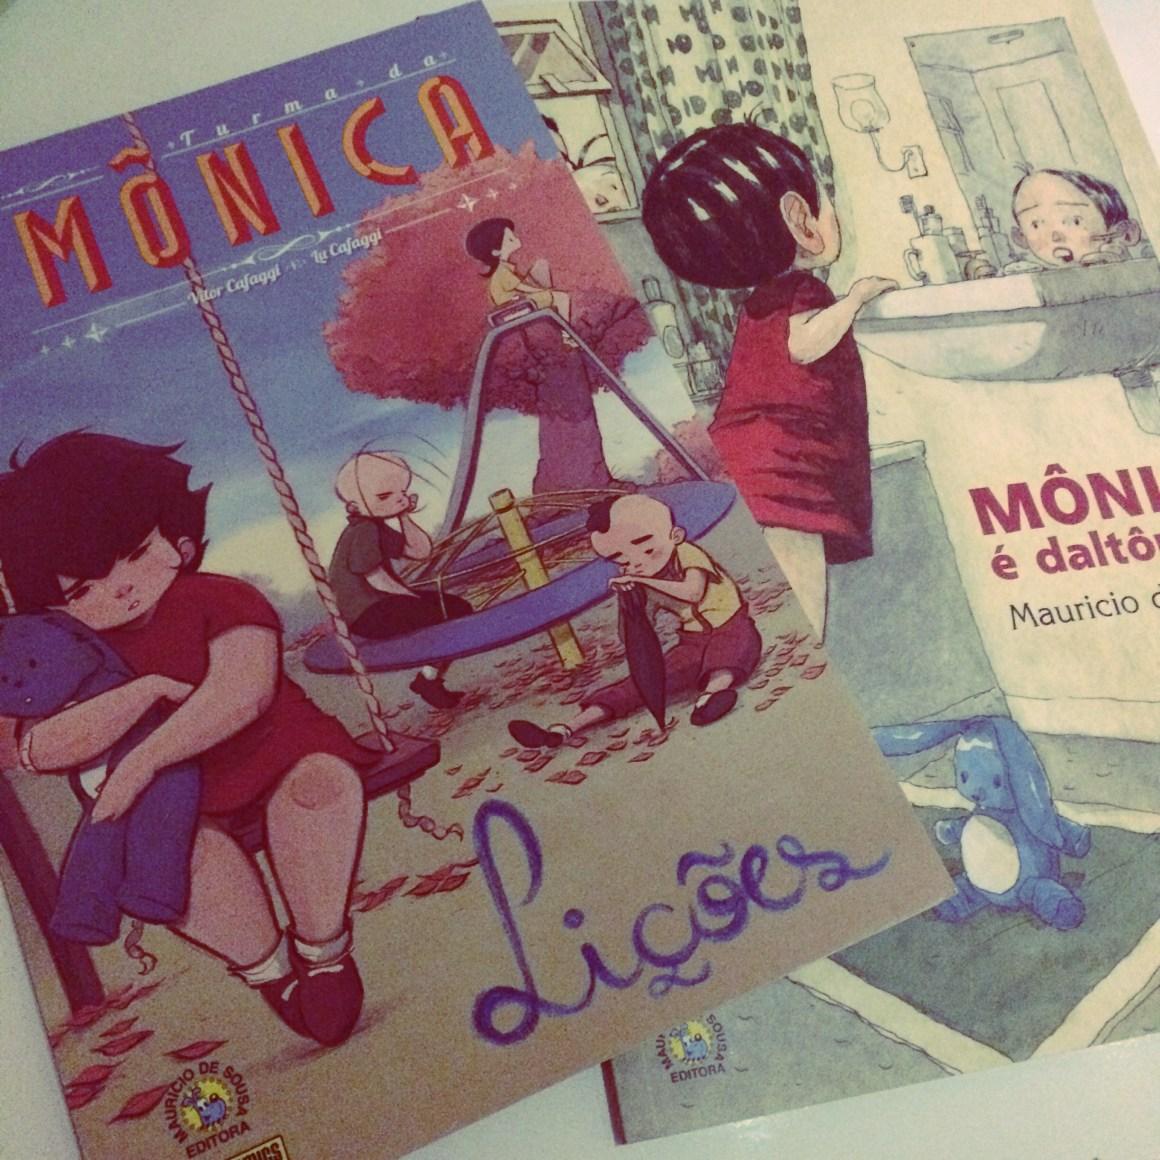 """Meu registo da Graphic MSP Turma da Mônica - Lições e da nova versão do clássico """"Mônica é daltônica?"""" em livro pela Companhia das Letrinhas."""